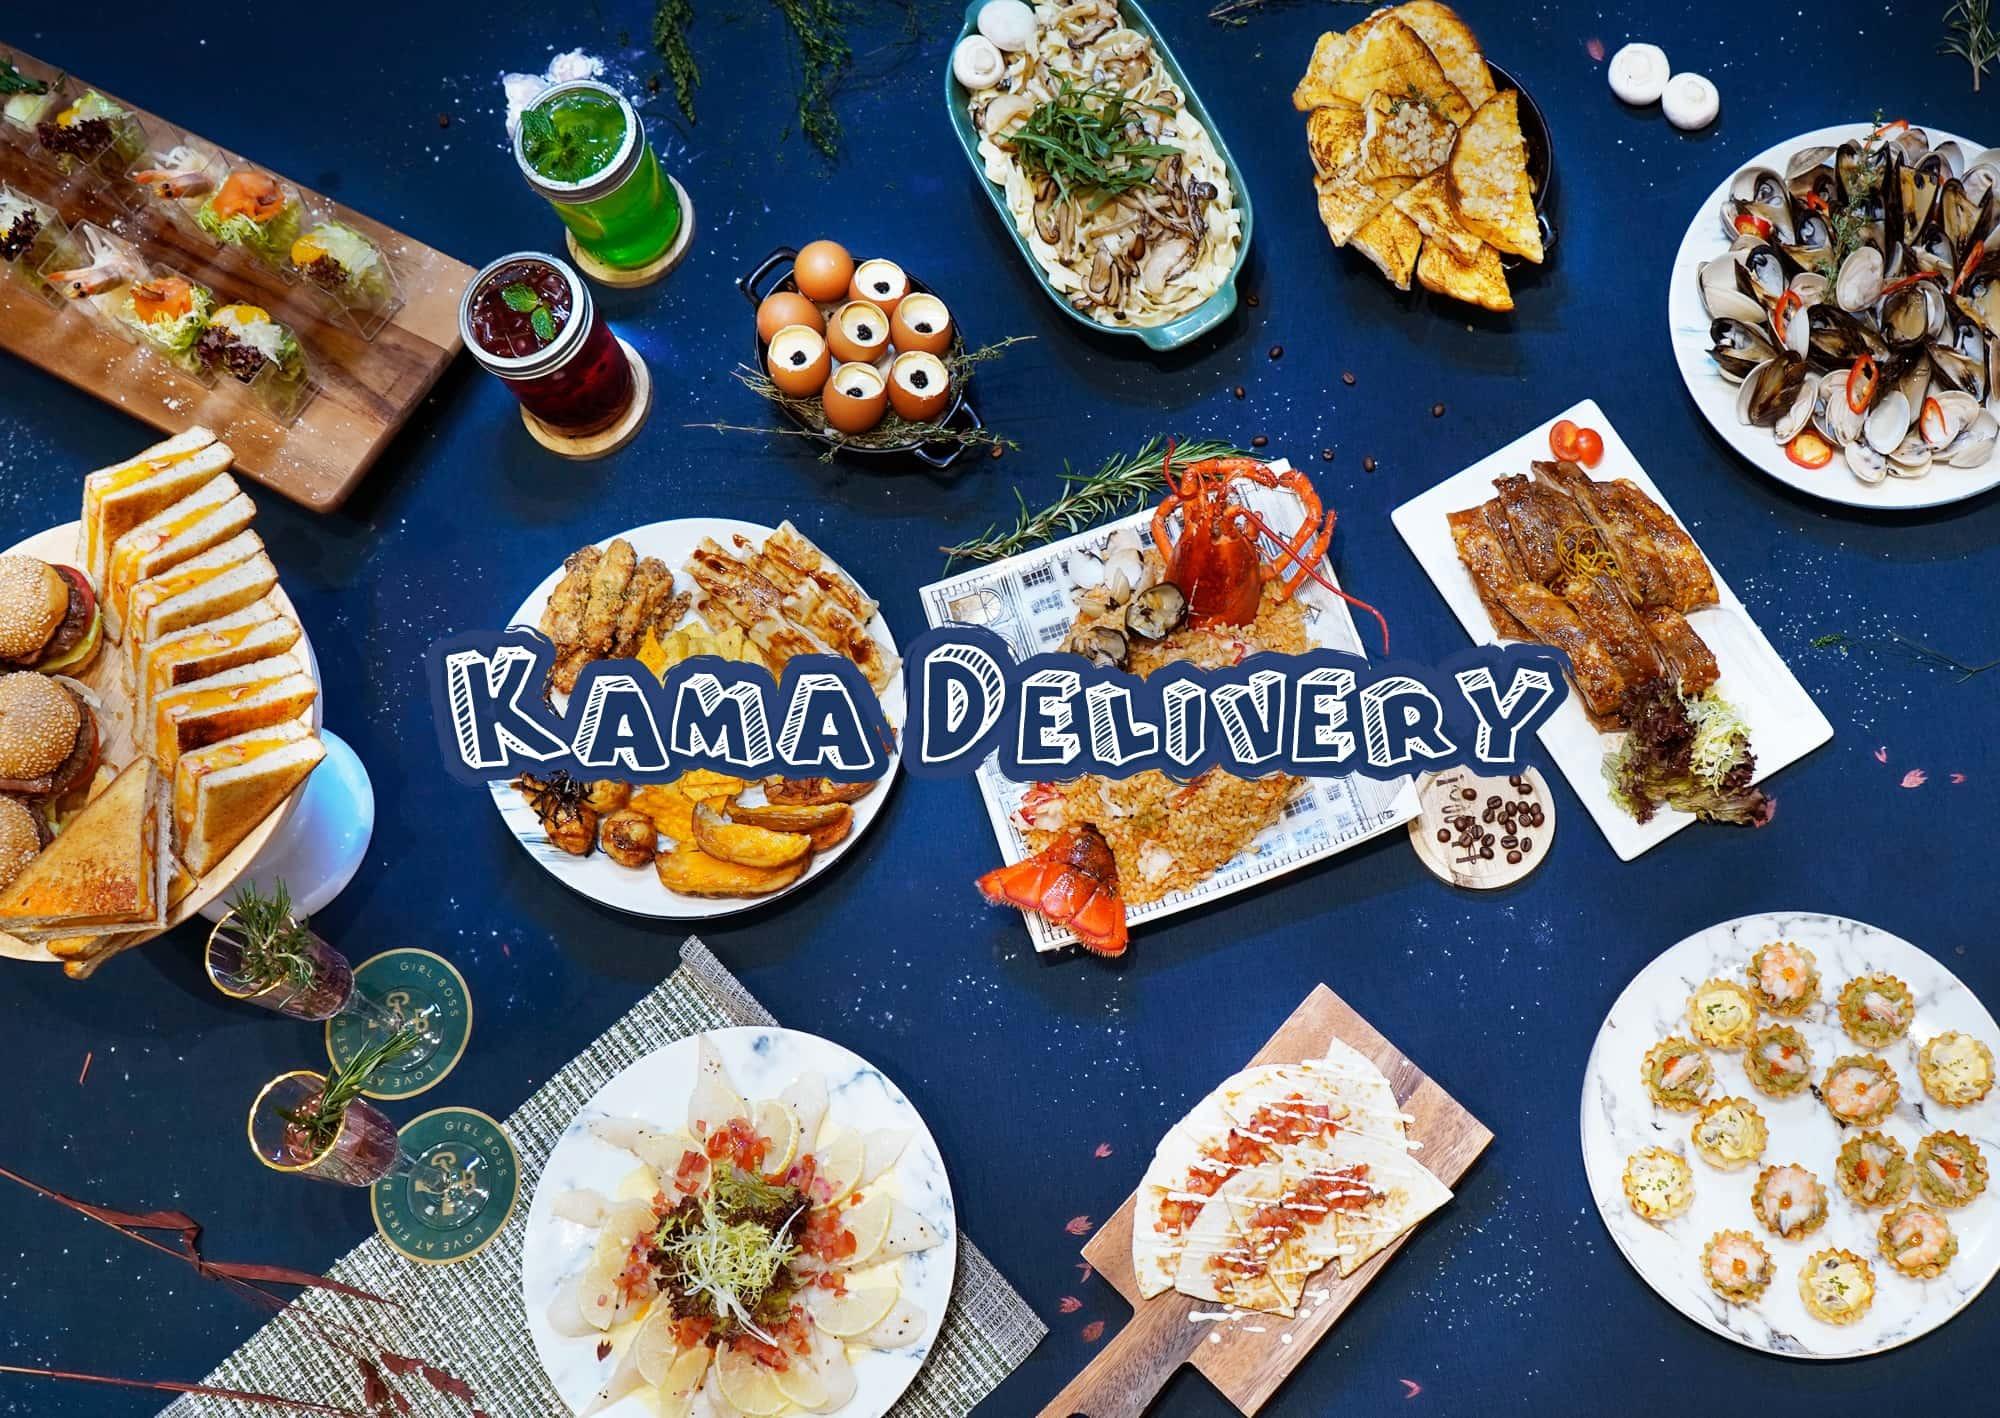 到會54人外賣.推介首選|Kama Delivery除了提供特色平價單點美食外,更打造出多款到會套餐,並承接多人大型到會服務。不論是私人派對或是公司活動,Kama Delivery必定是訂購Party Food的最佳之選!